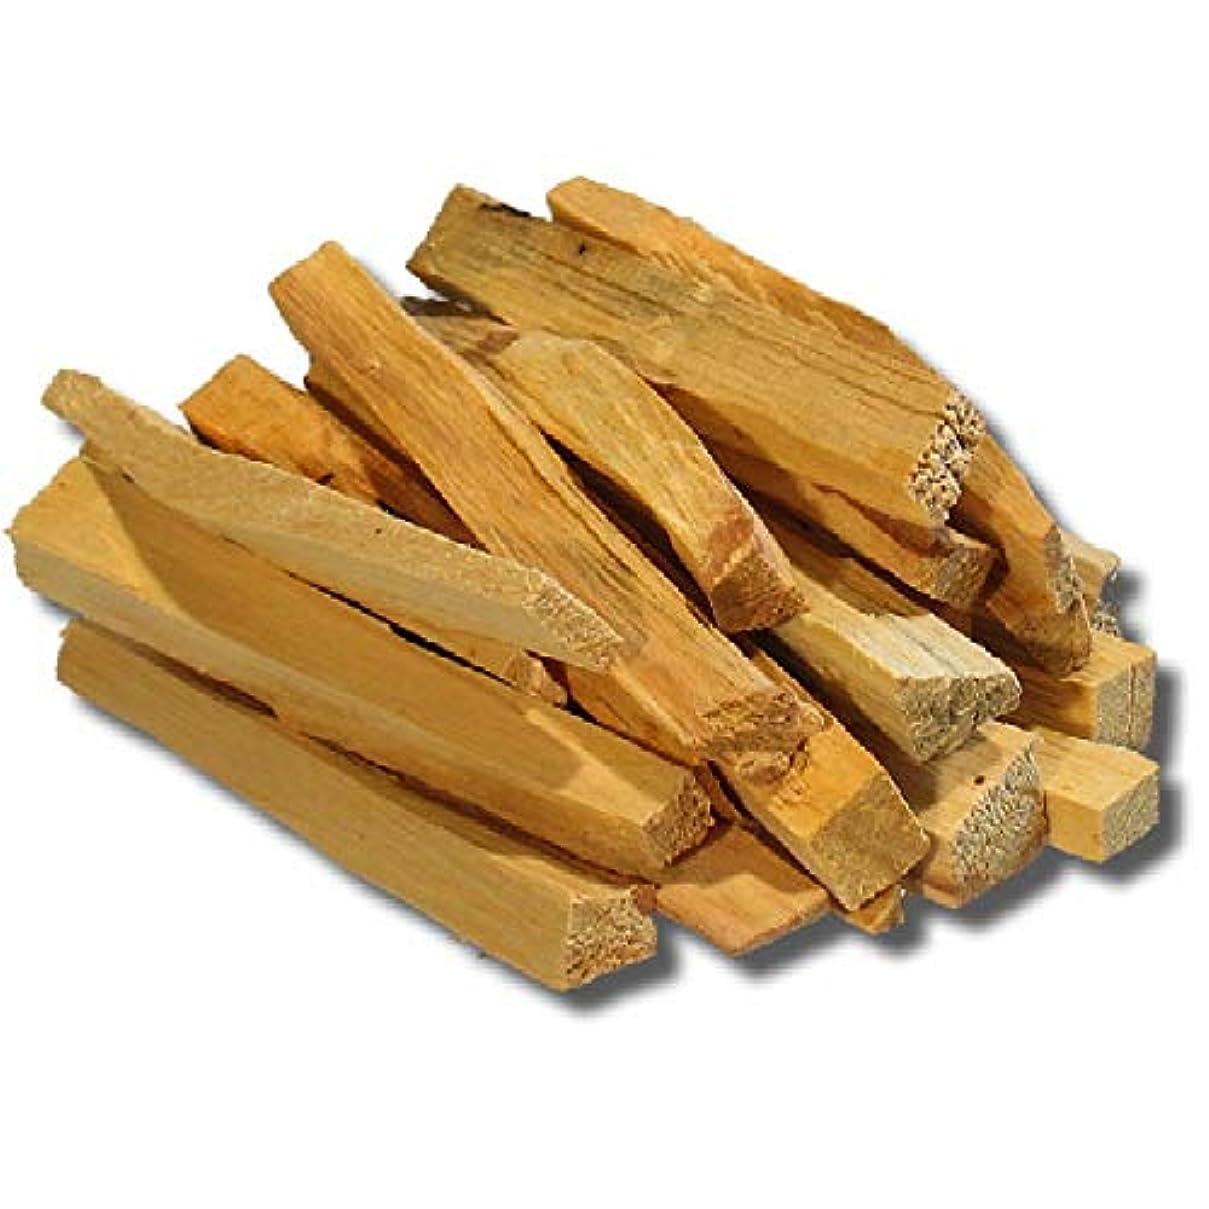 侵入預言者バンカーPalo Santo Holy Wood Incense Sticks 11個